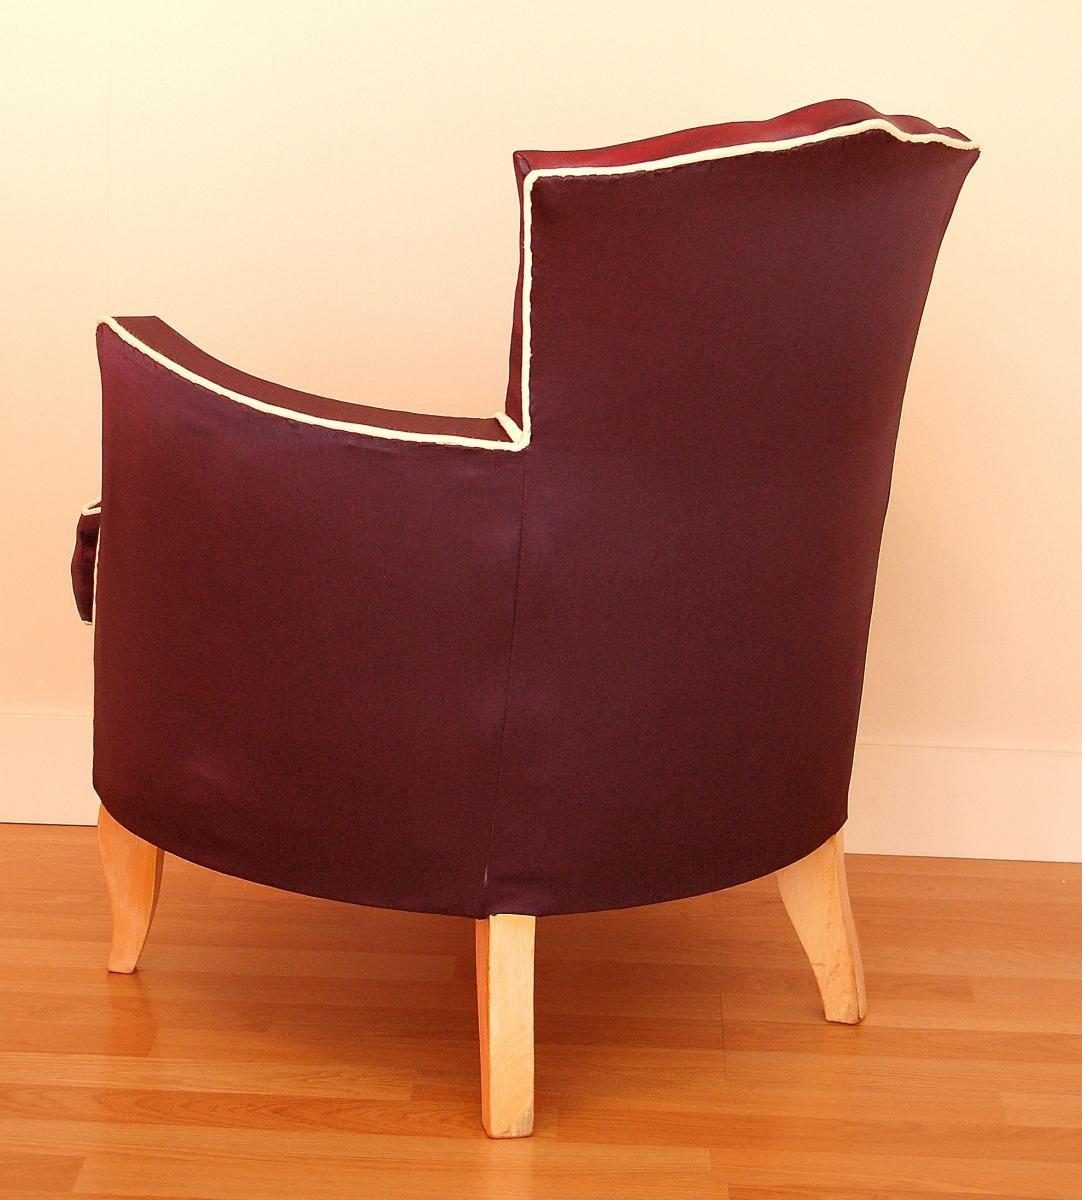 fauteuil art d co 1930s en vente sur pamono. Black Bedroom Furniture Sets. Home Design Ideas